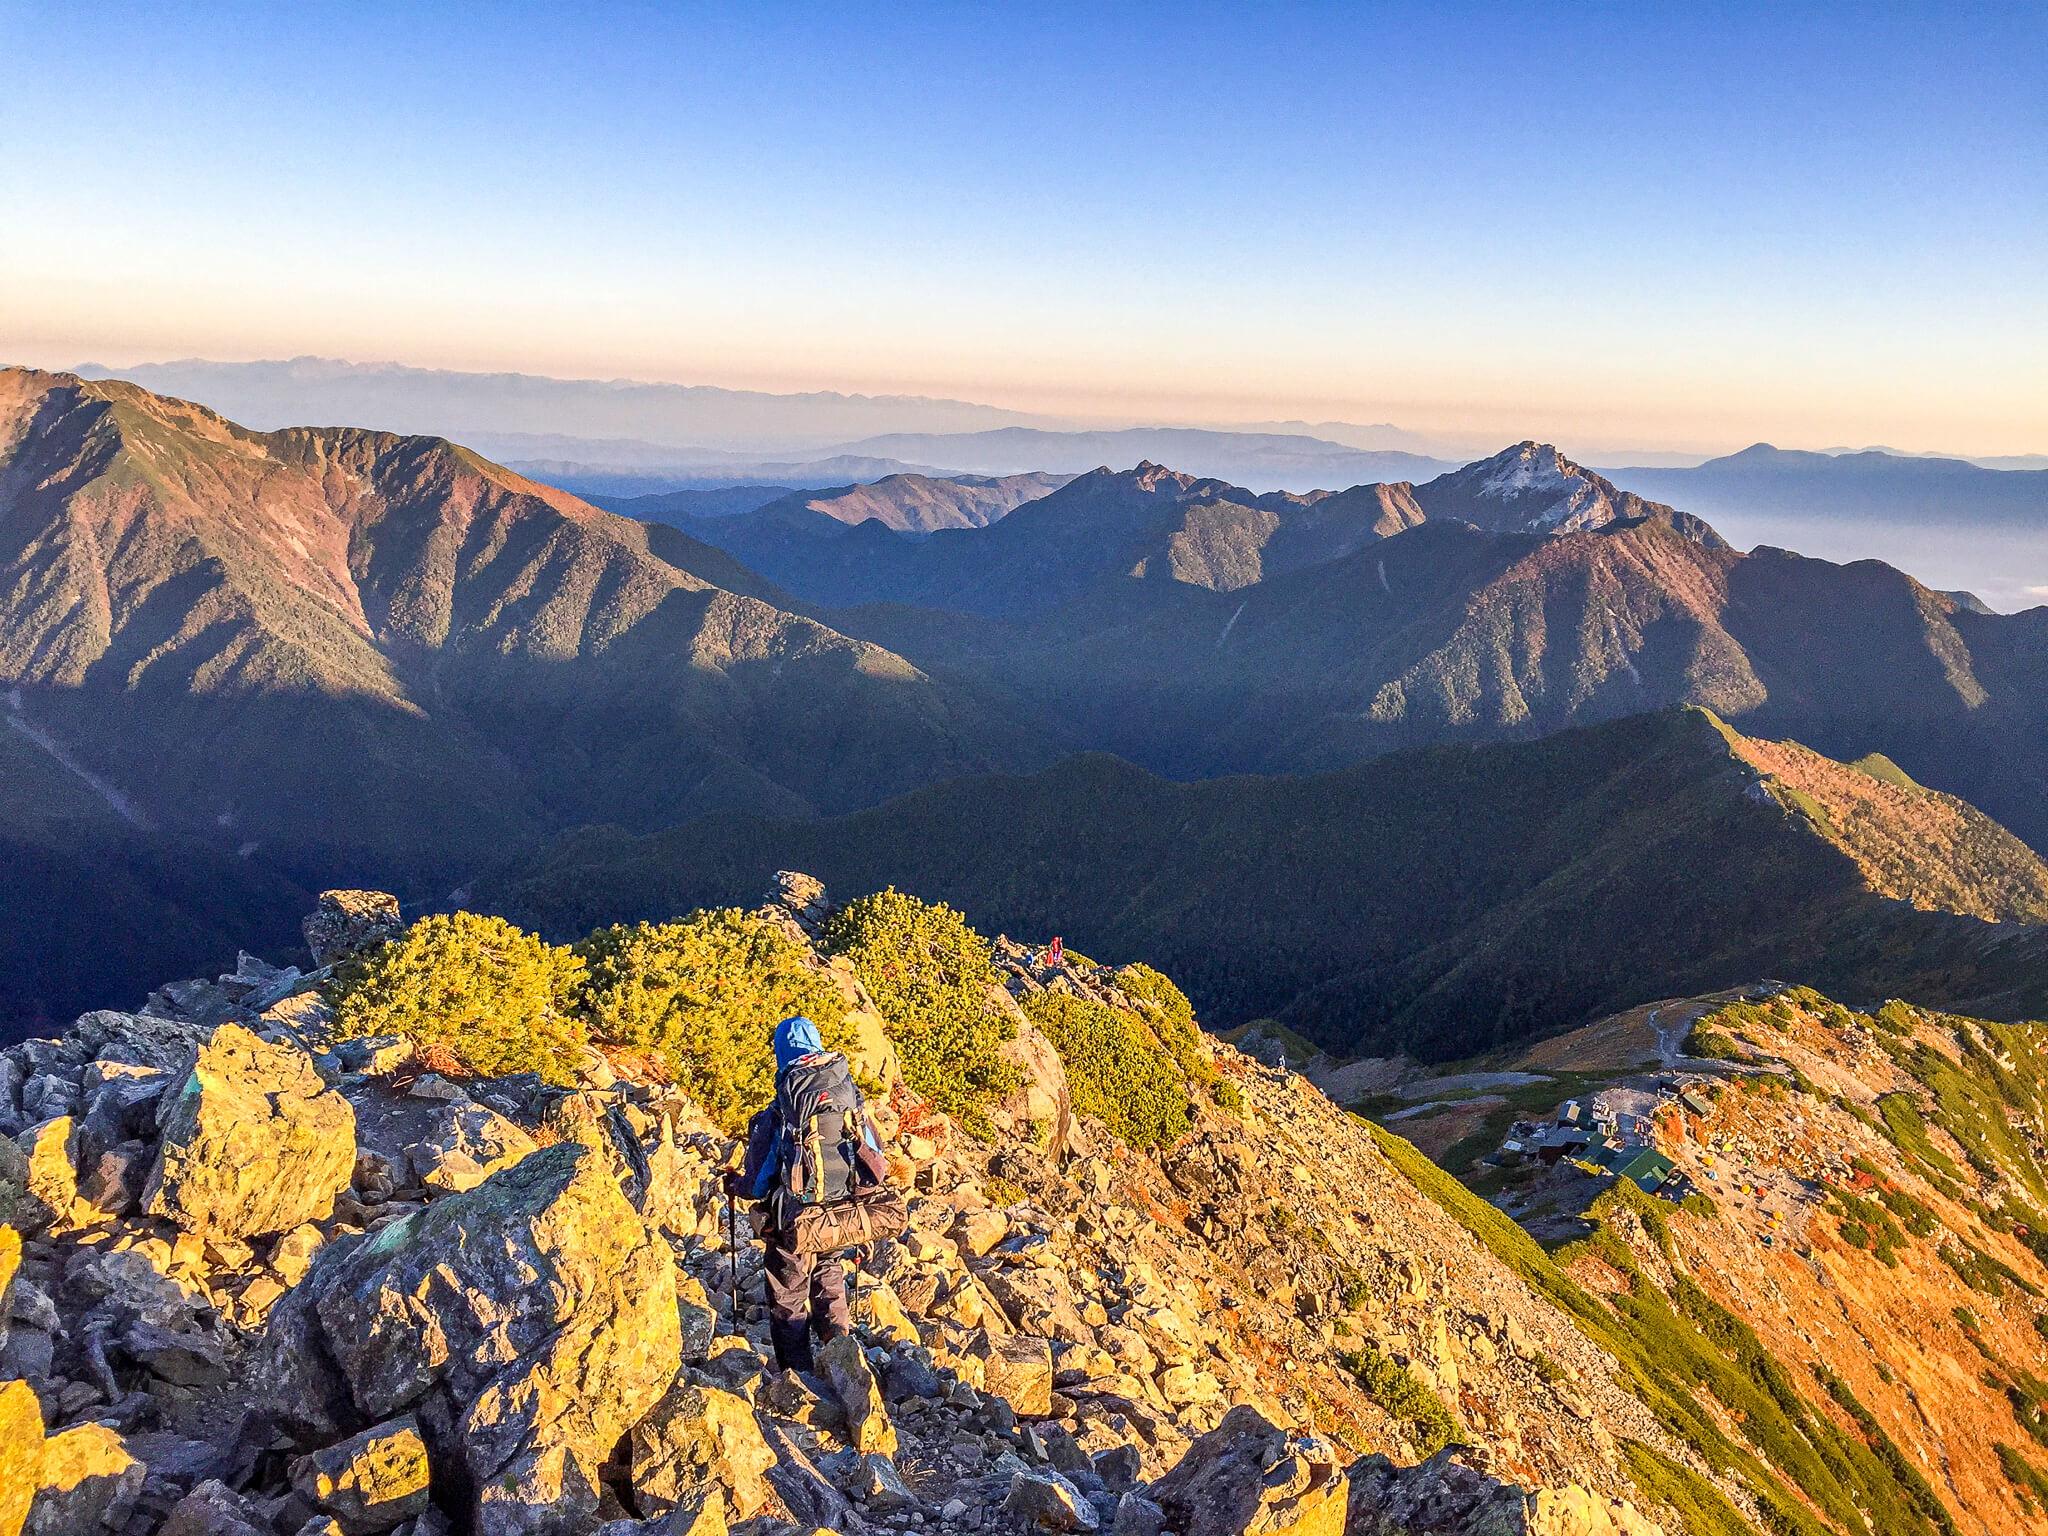 北岳・仙丈ヶ岳と甲斐駒ヶ岳を見ながら下山